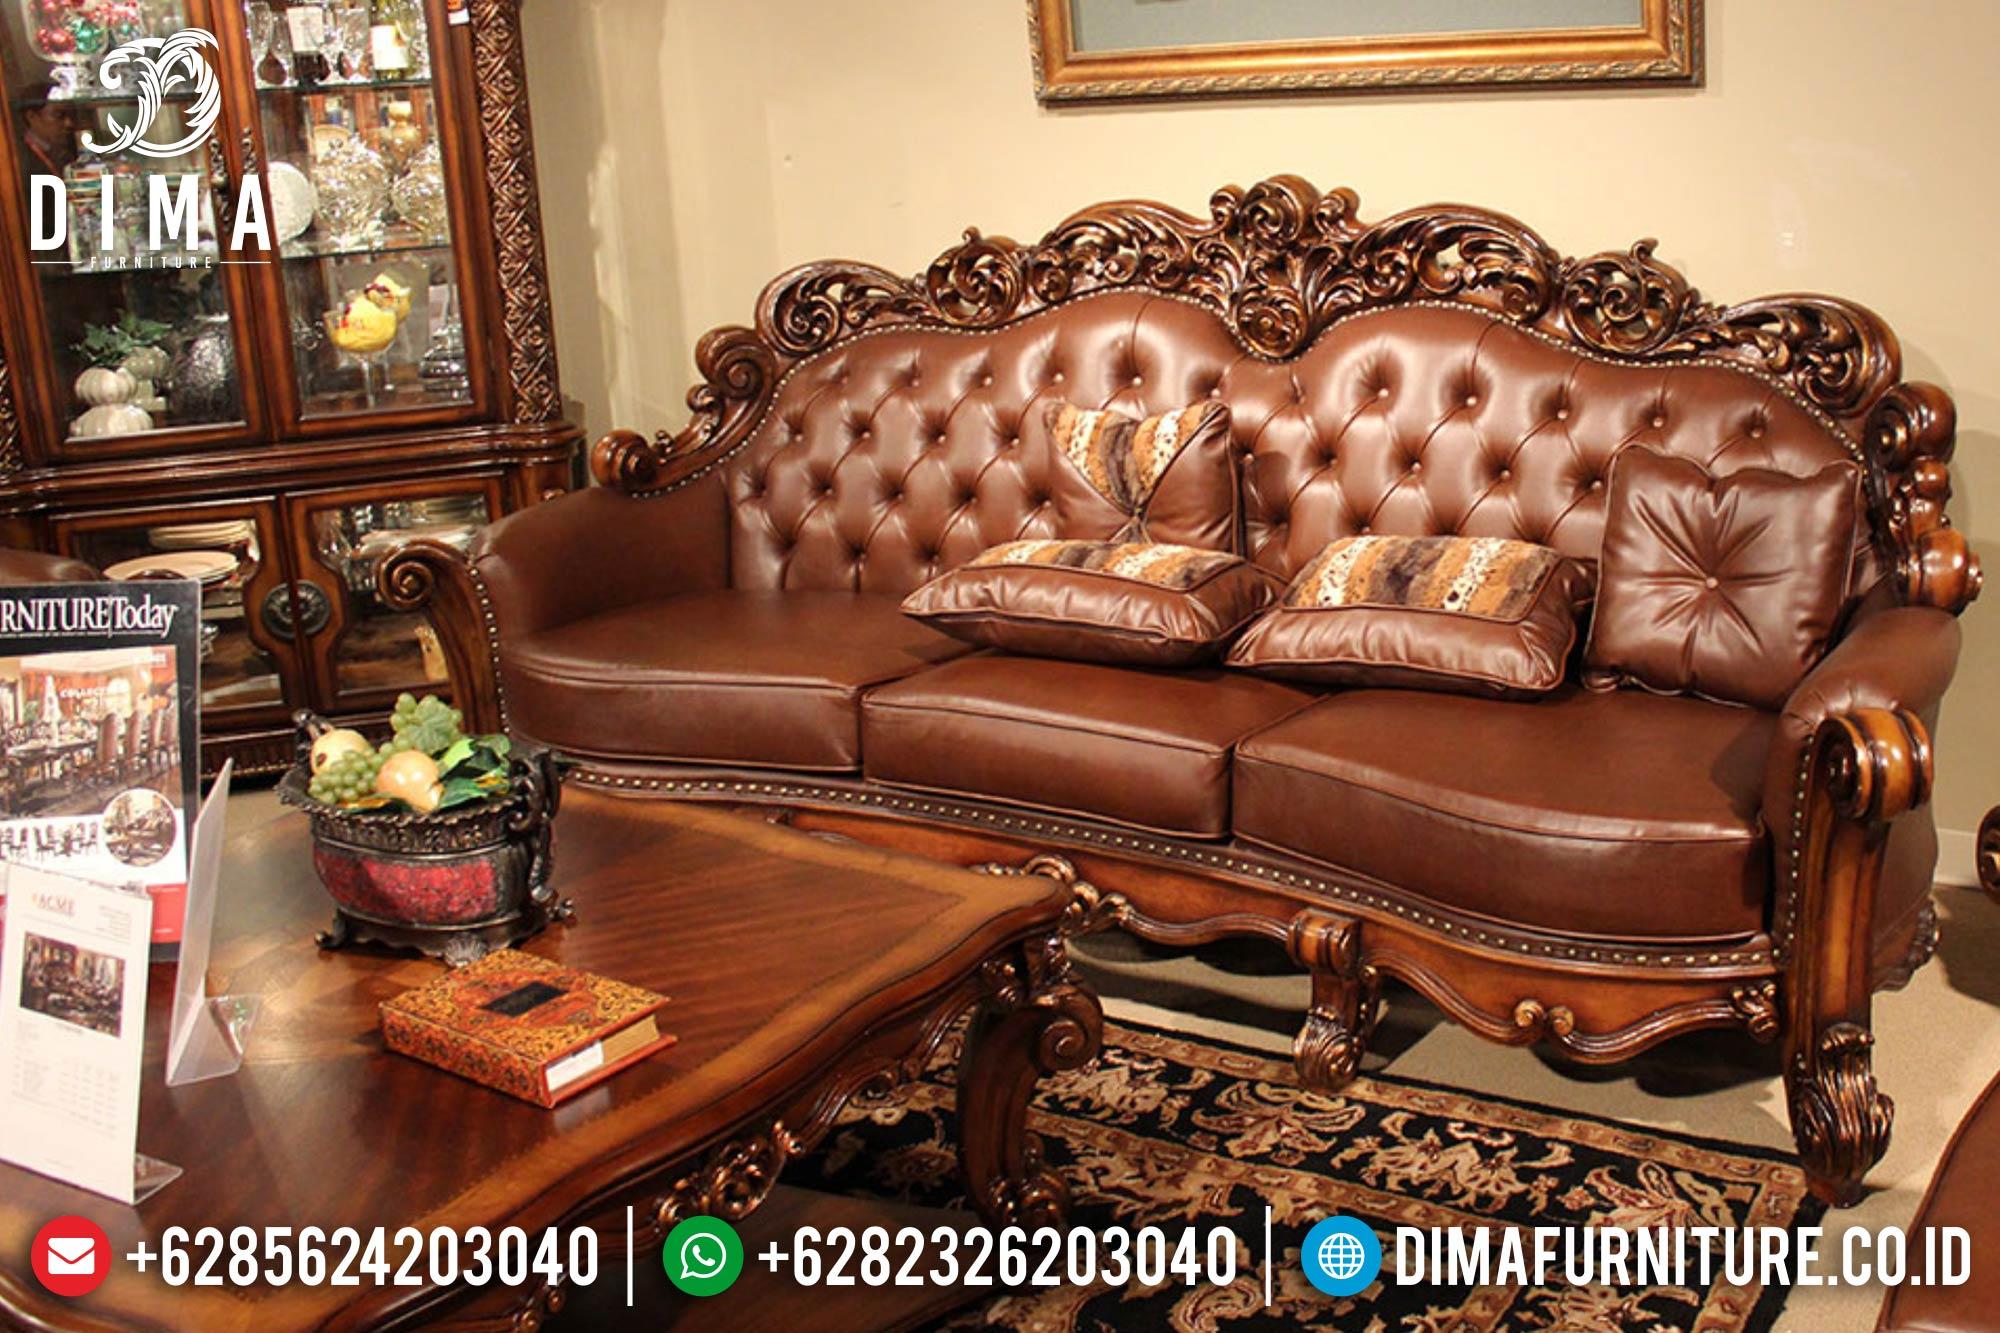 Kursi Sofa Tamu Jepara Set Mewah Terbaru Klasik Royals DF-0386 Gambar 1